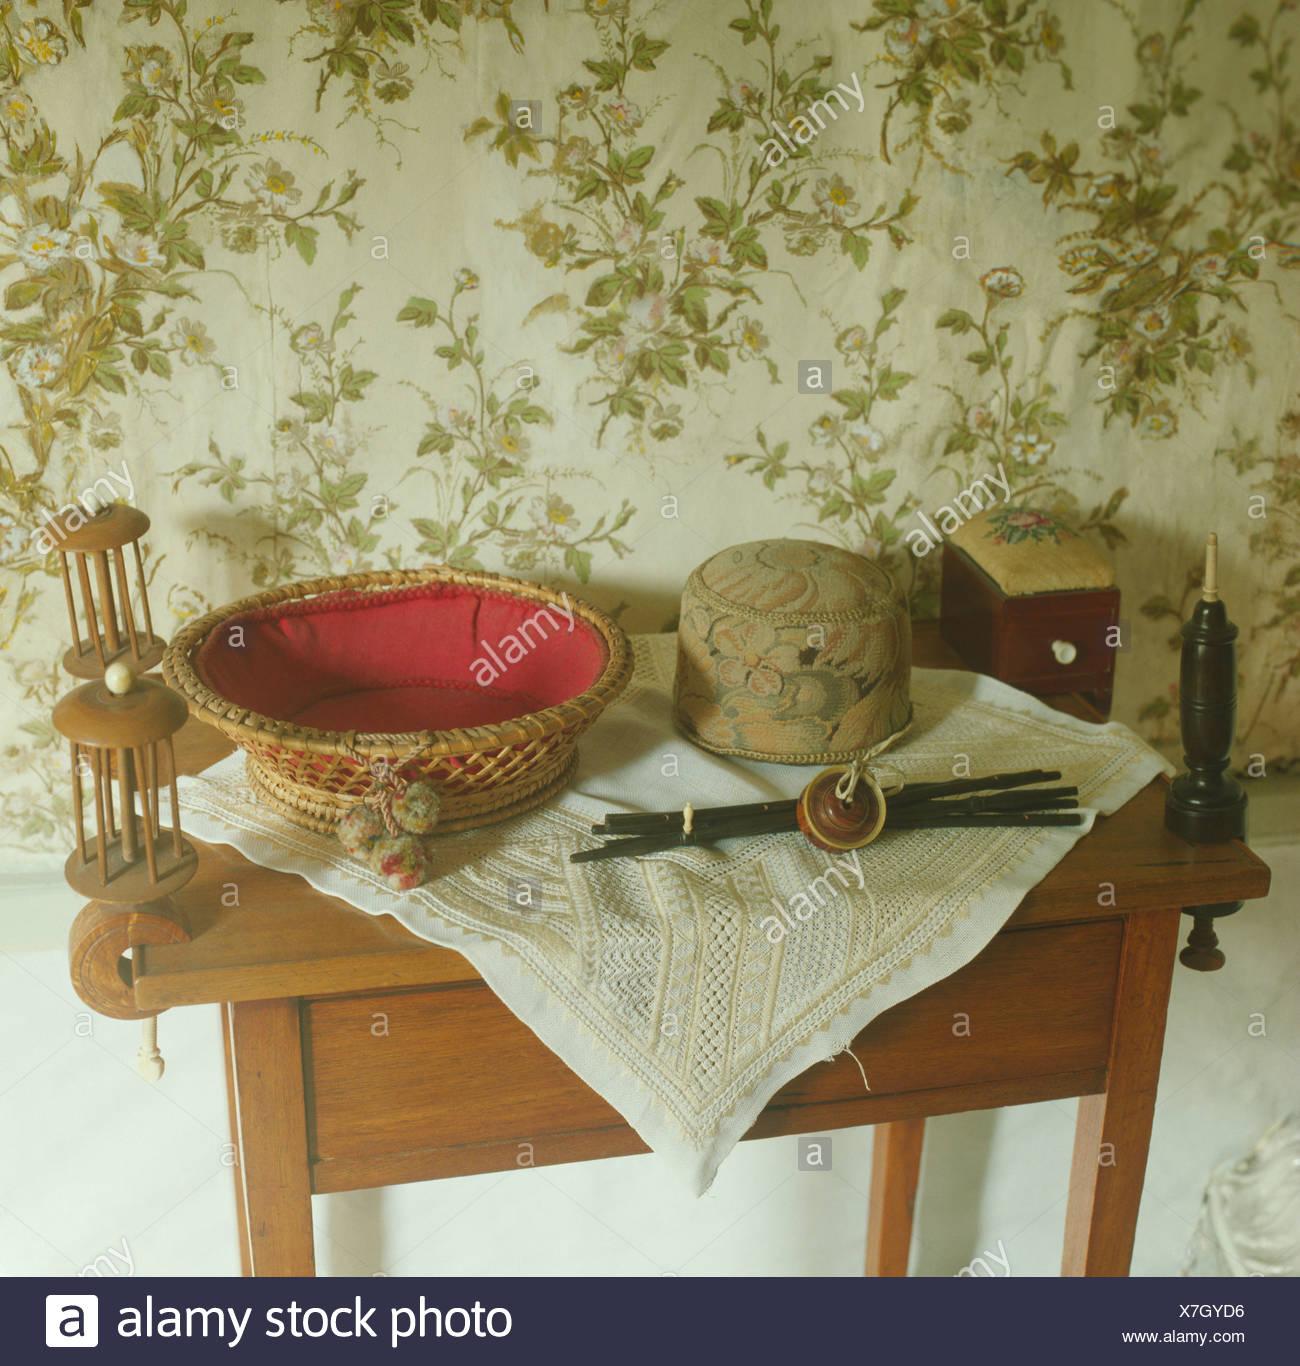 Sammlung Von Körben Und Weißen Tuch Auf Dem Kleinen Tisch Vor Wand Mit  Blumentapete